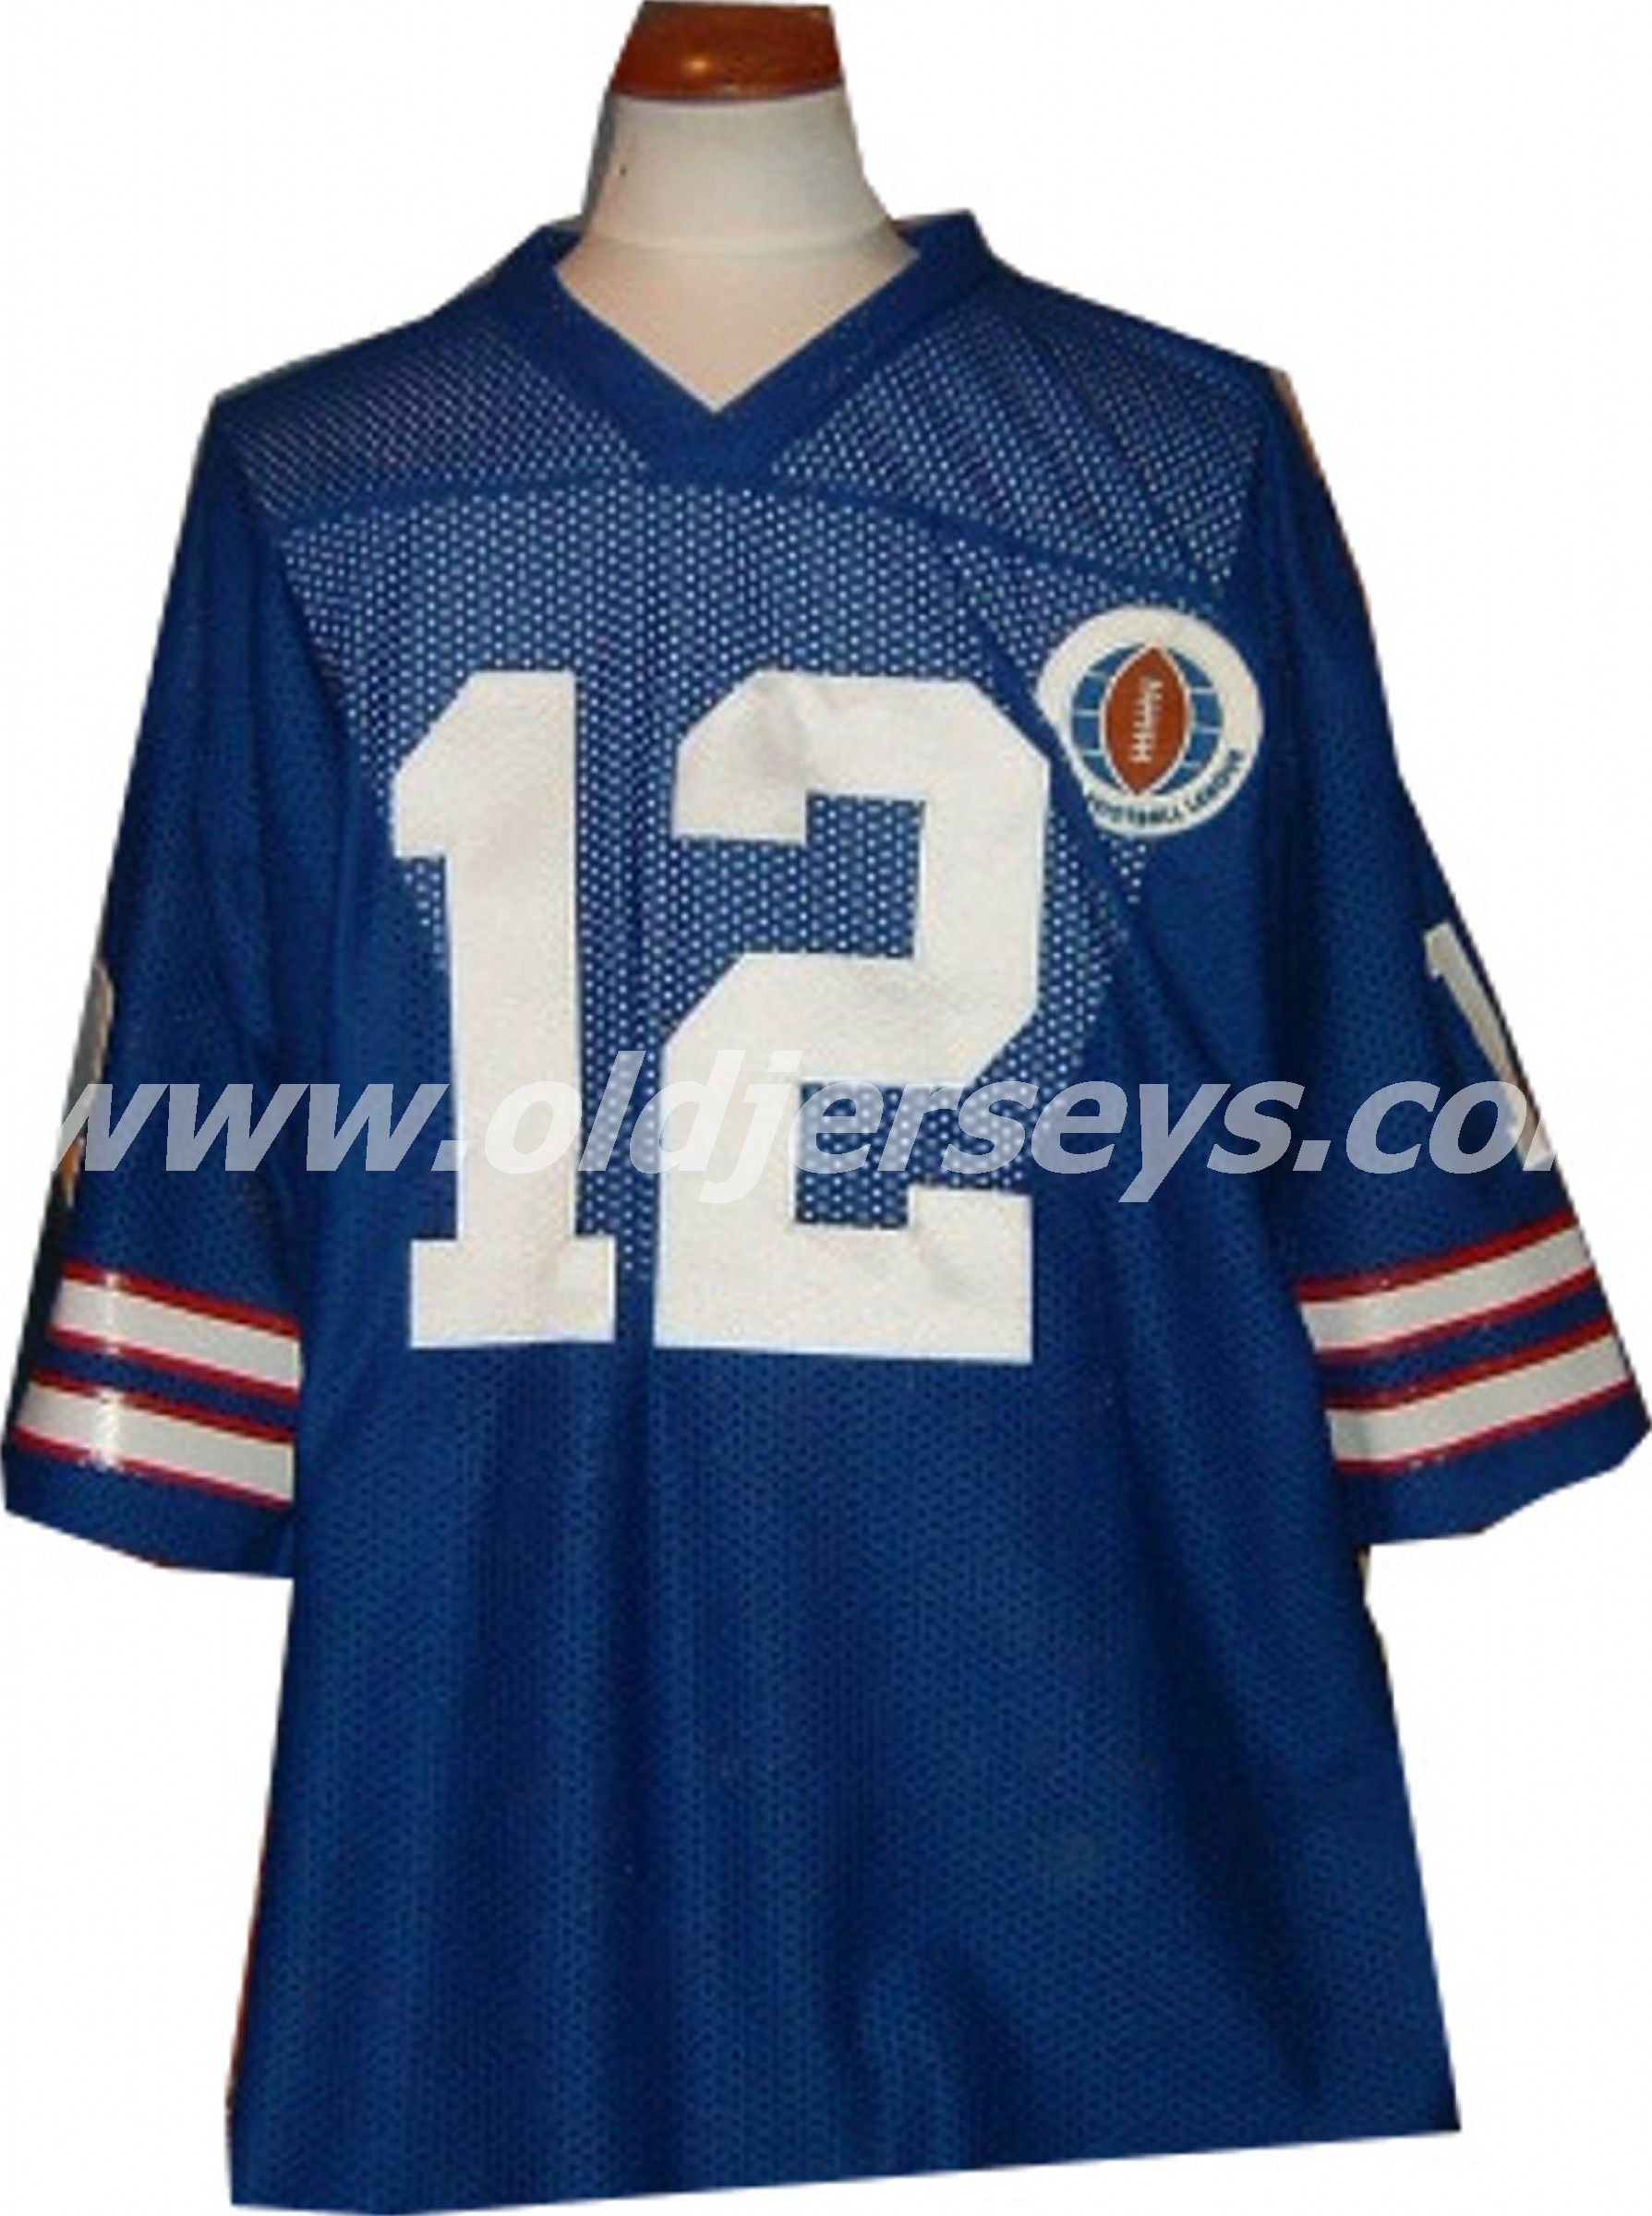 Birmingham Americans/Vulcans World Football League Replica Jersey